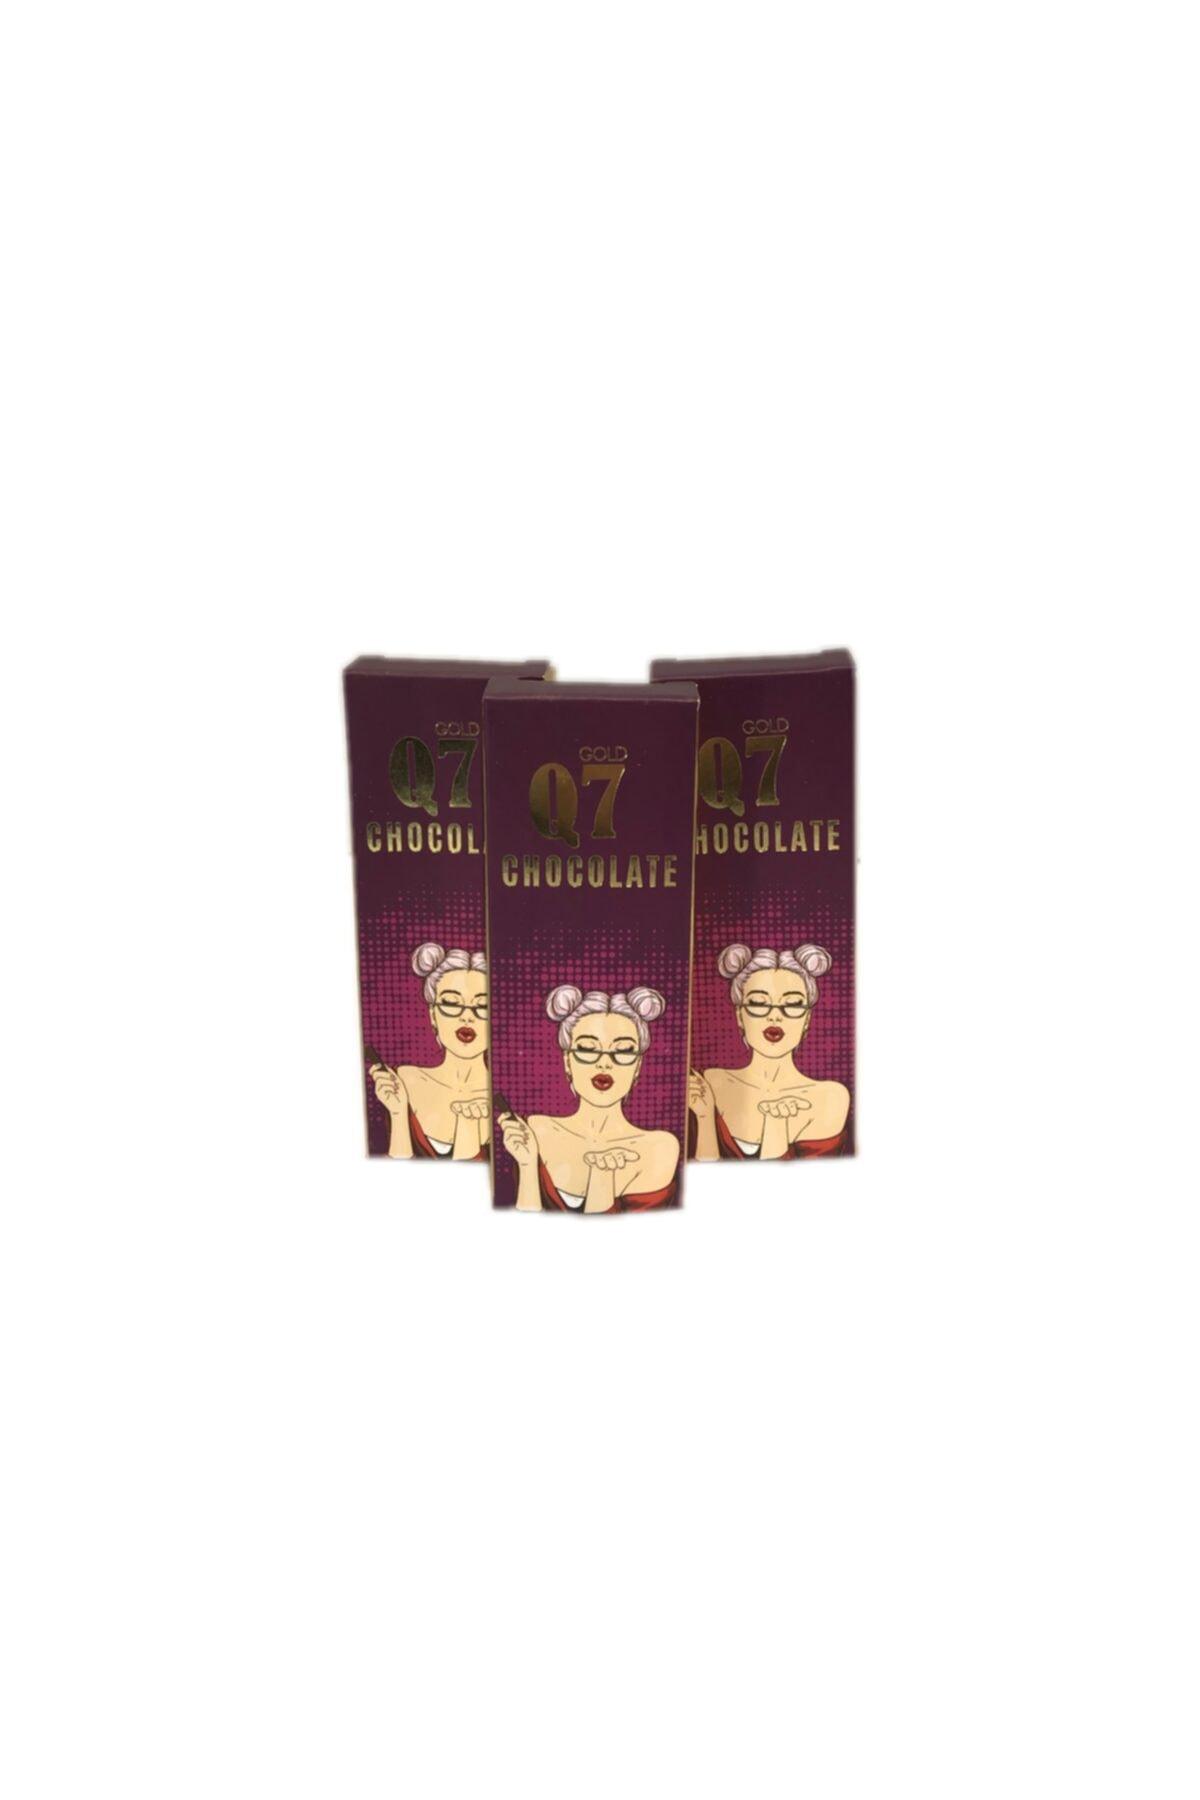 شوكولاته Q7 للنساء المهيجة والجنسية الطبيعية 12 قطع 35 غرام